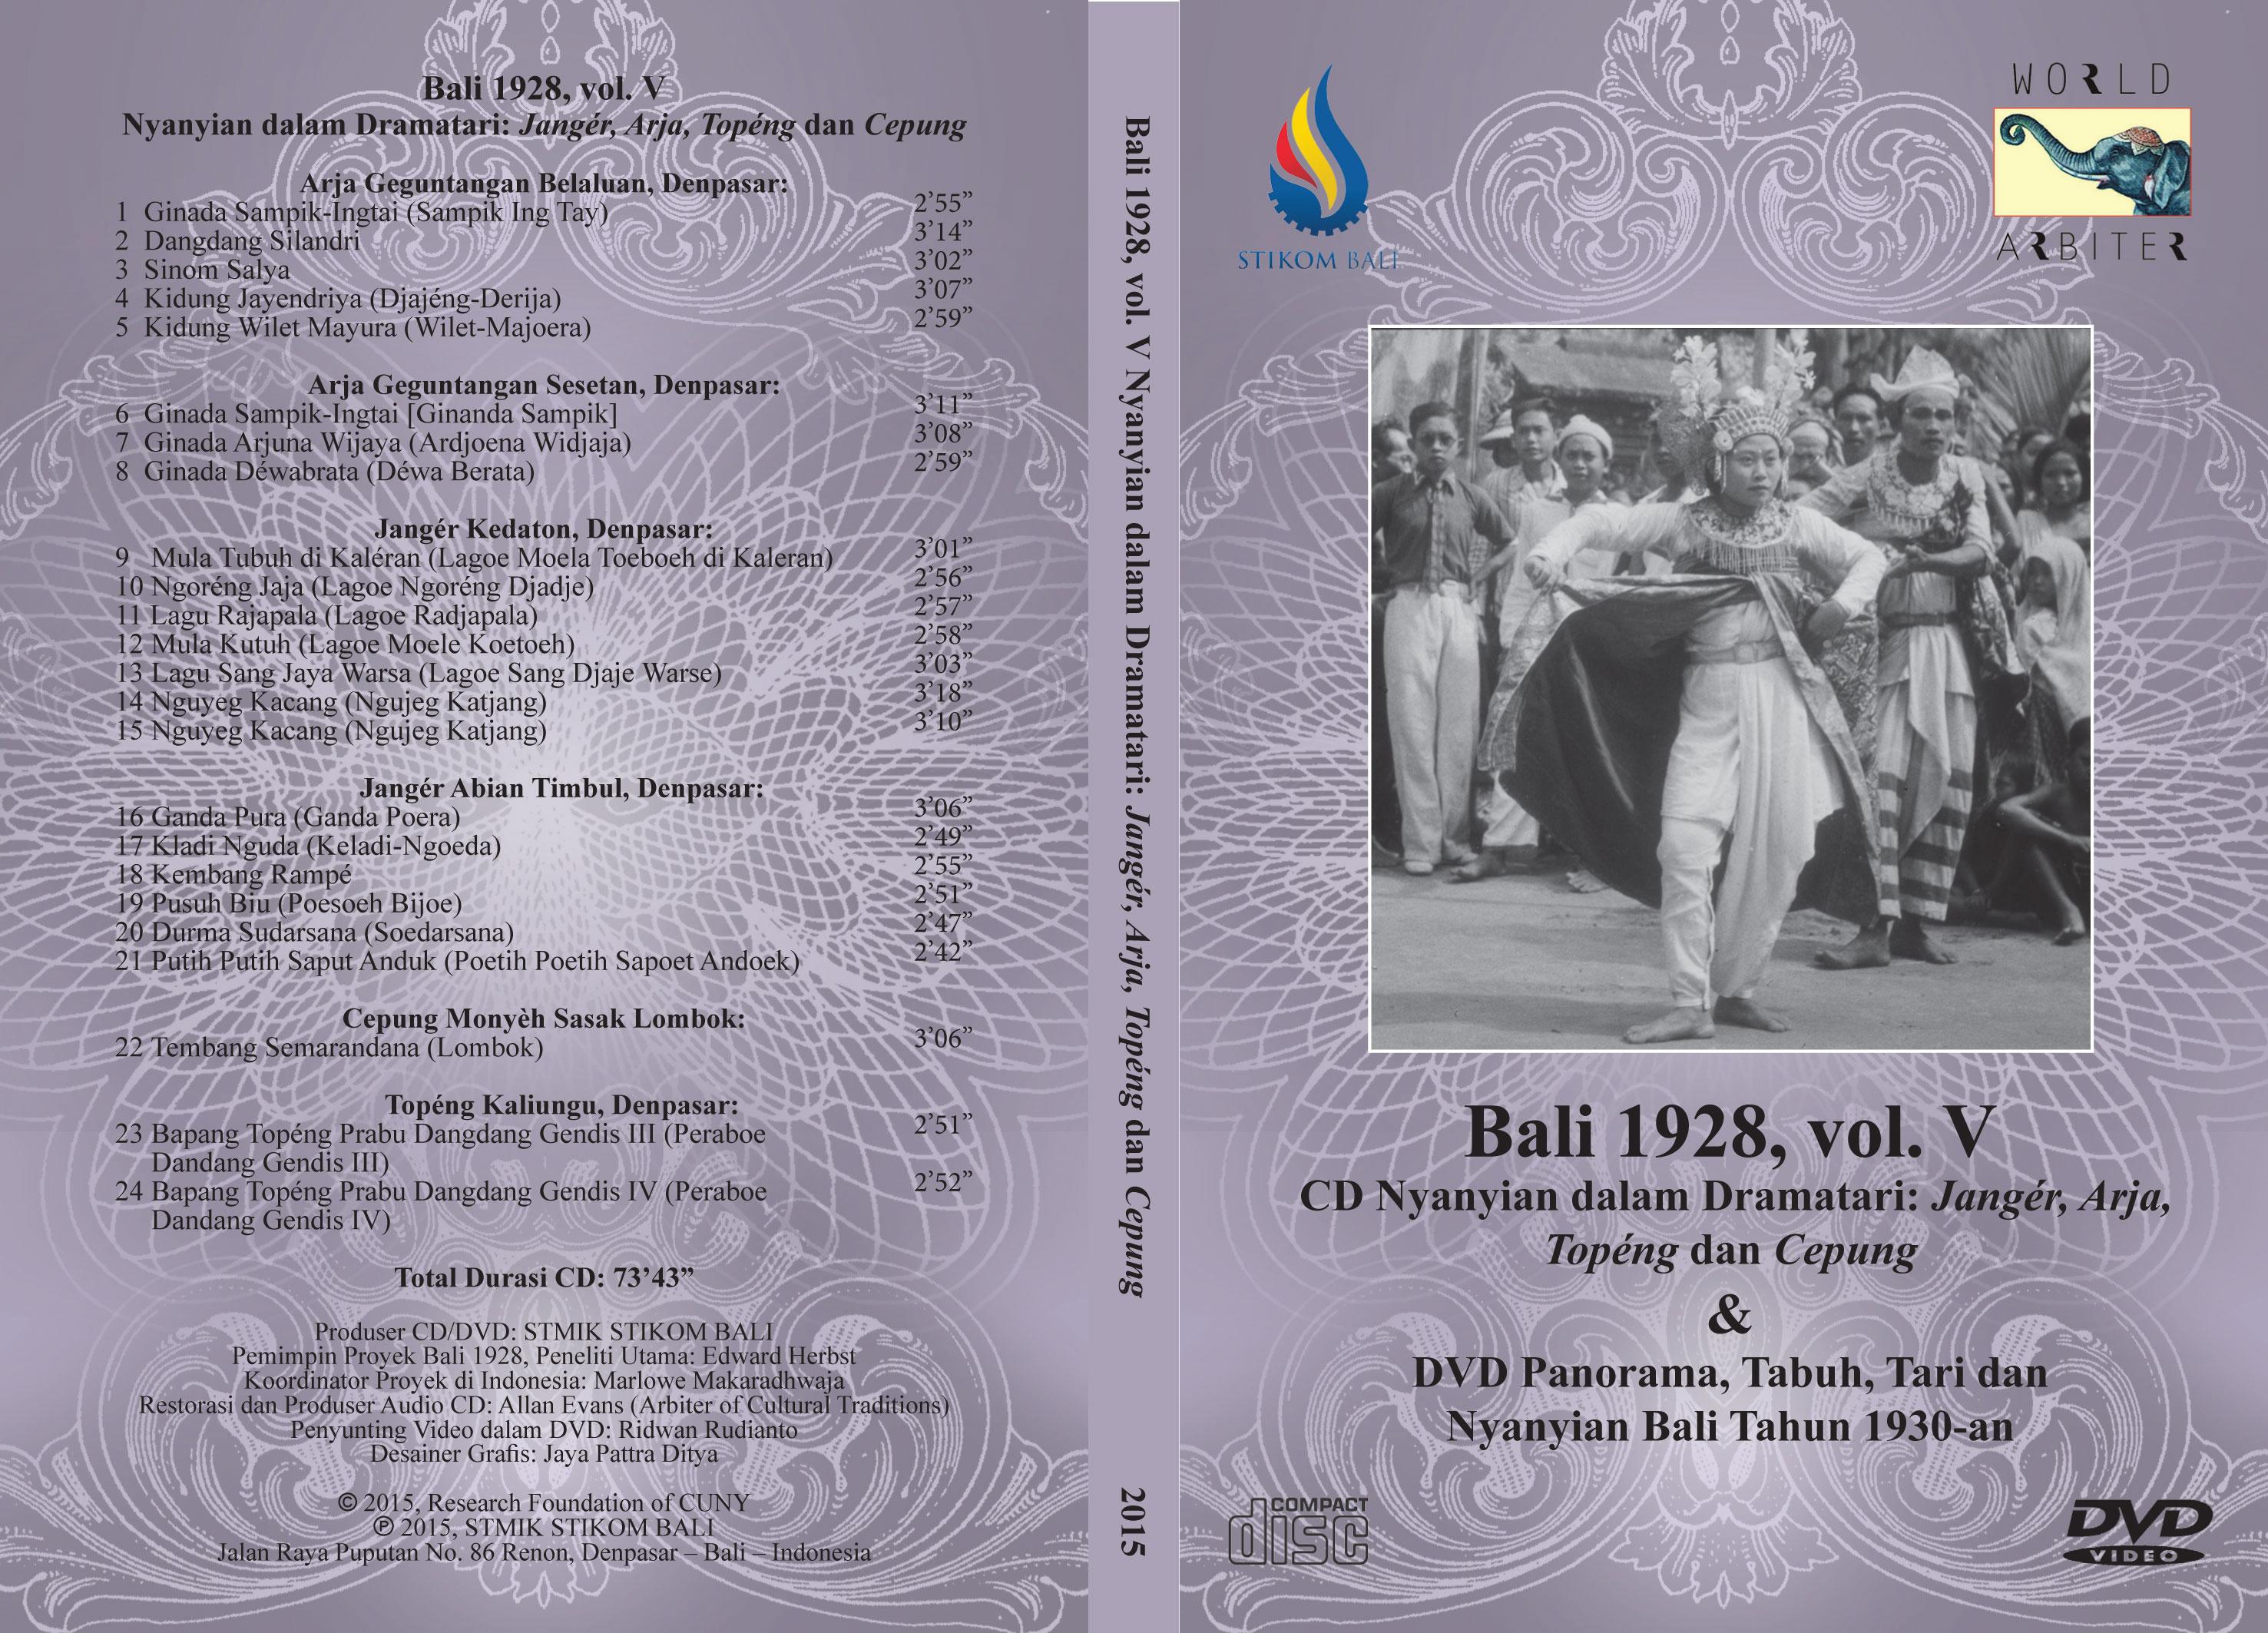 Bali-1928-Vol-V